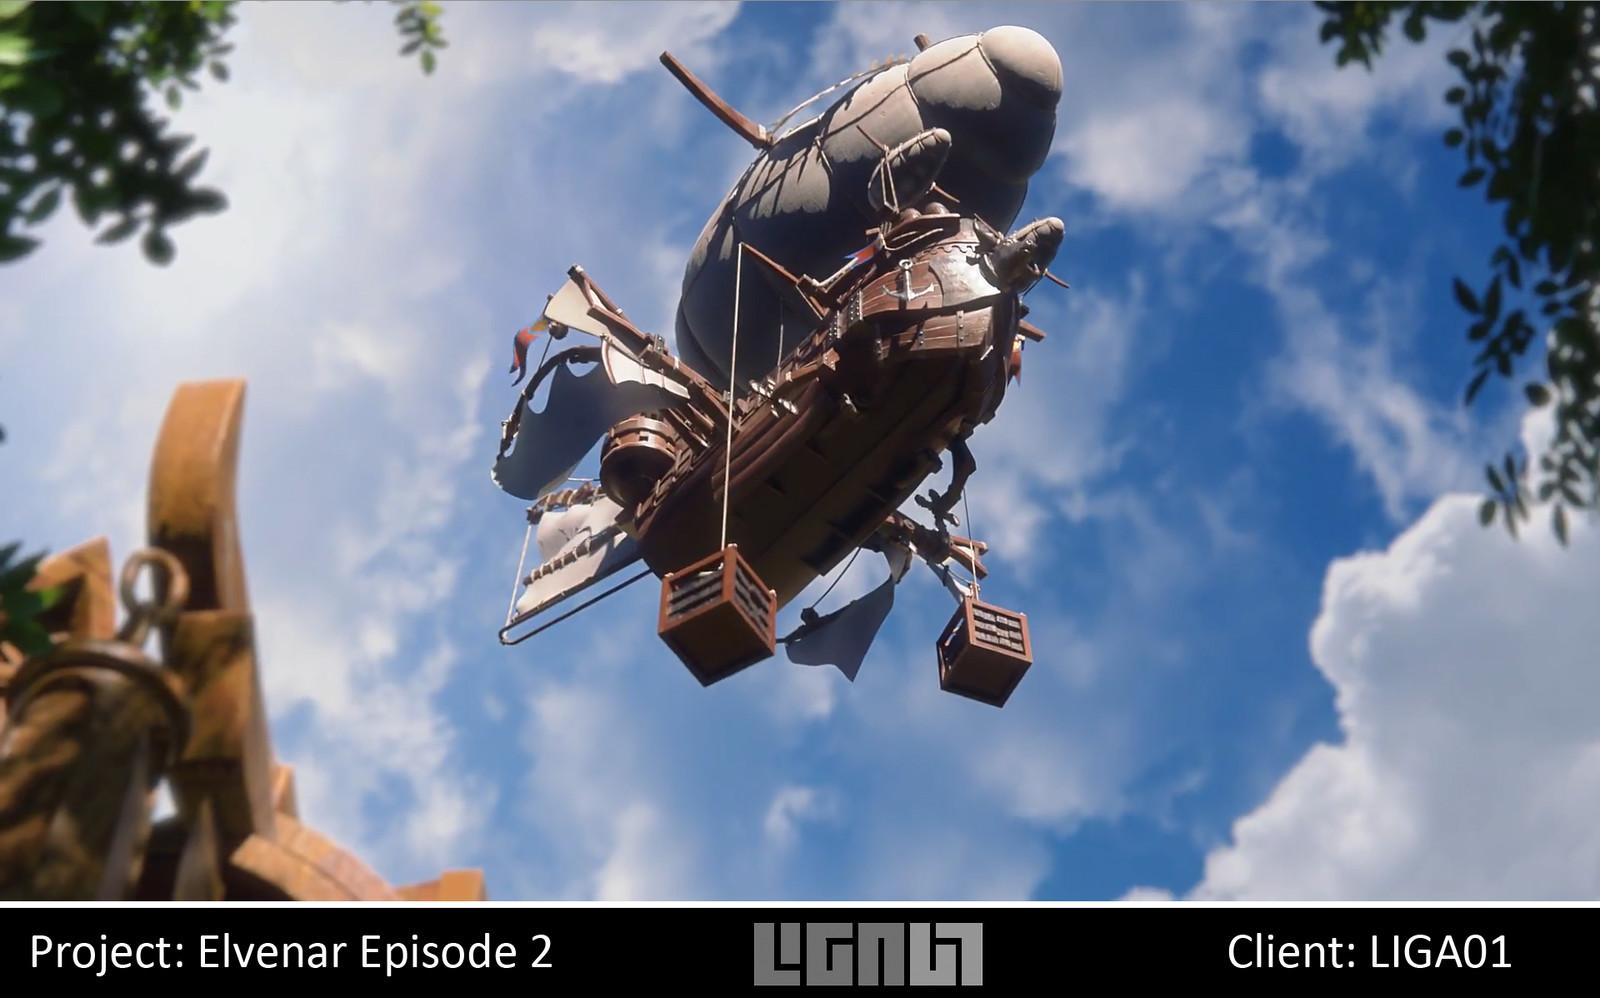 Elvenar Cinematic Episode 2